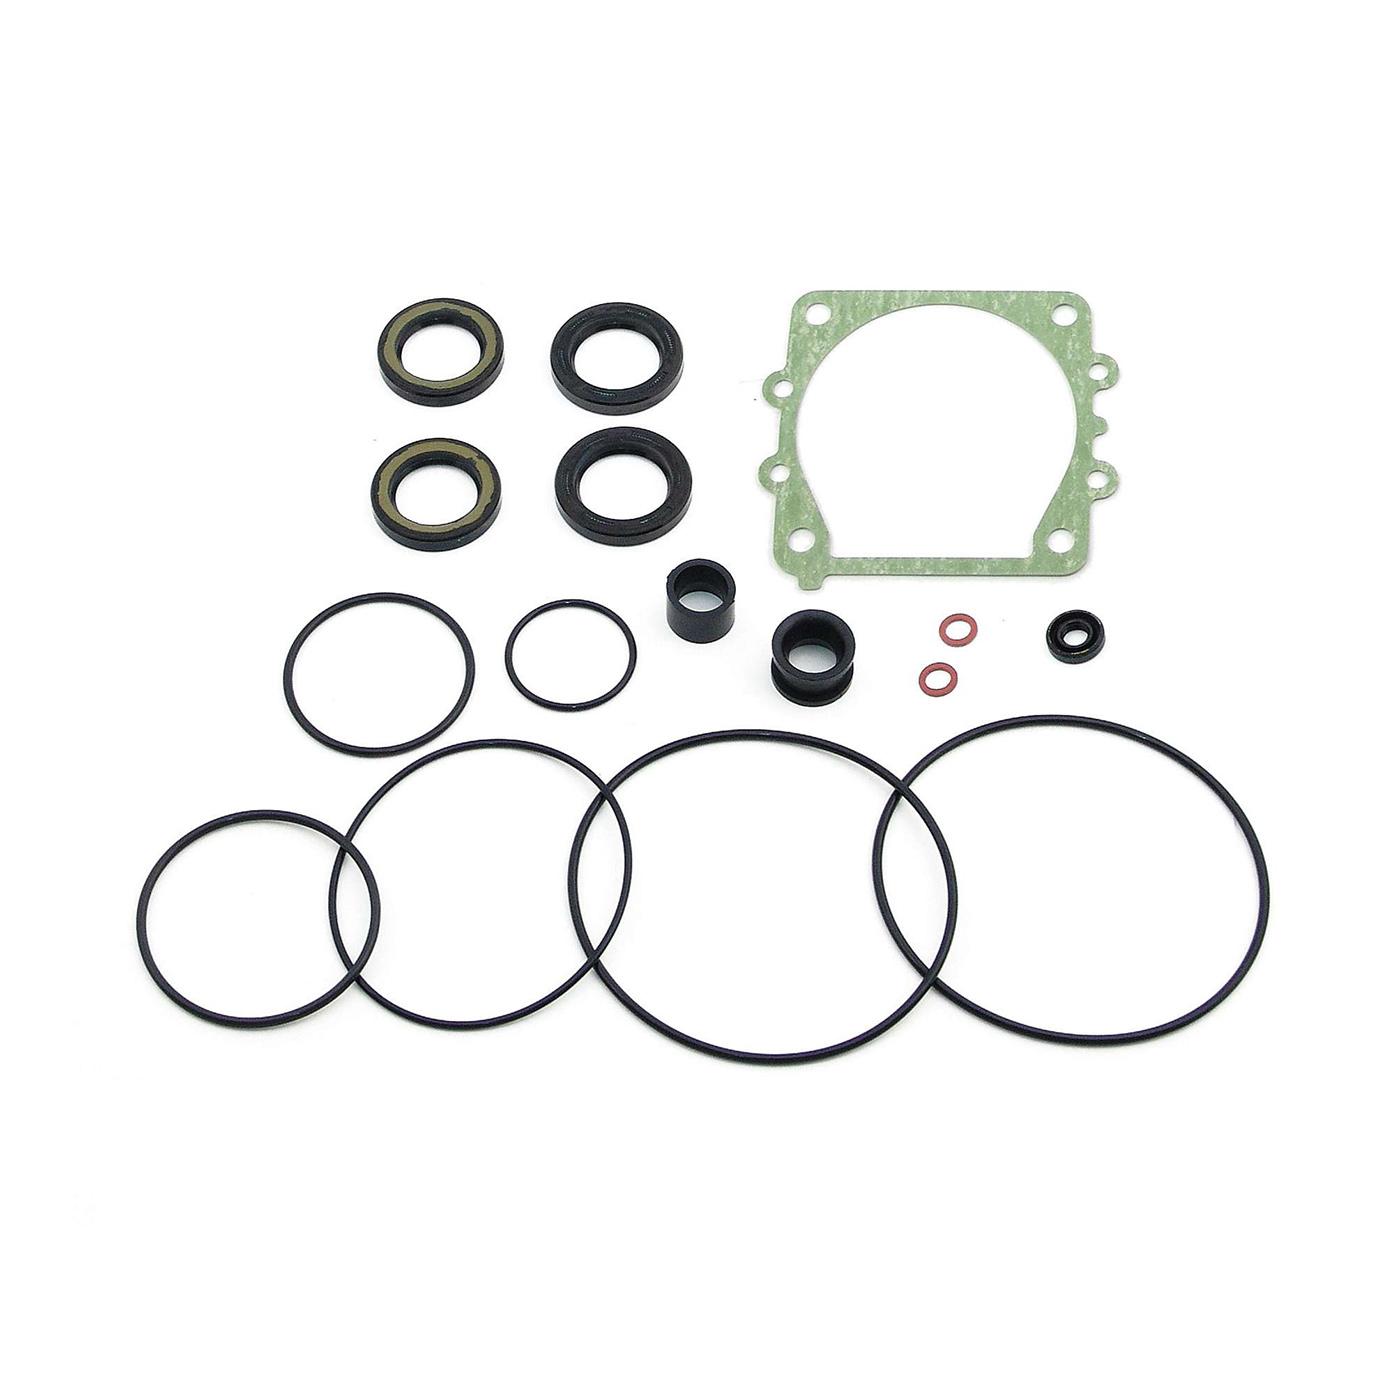 Sierra 18-74512 Gear Housing Seal Kit Ref. 66K-W0001-20-00